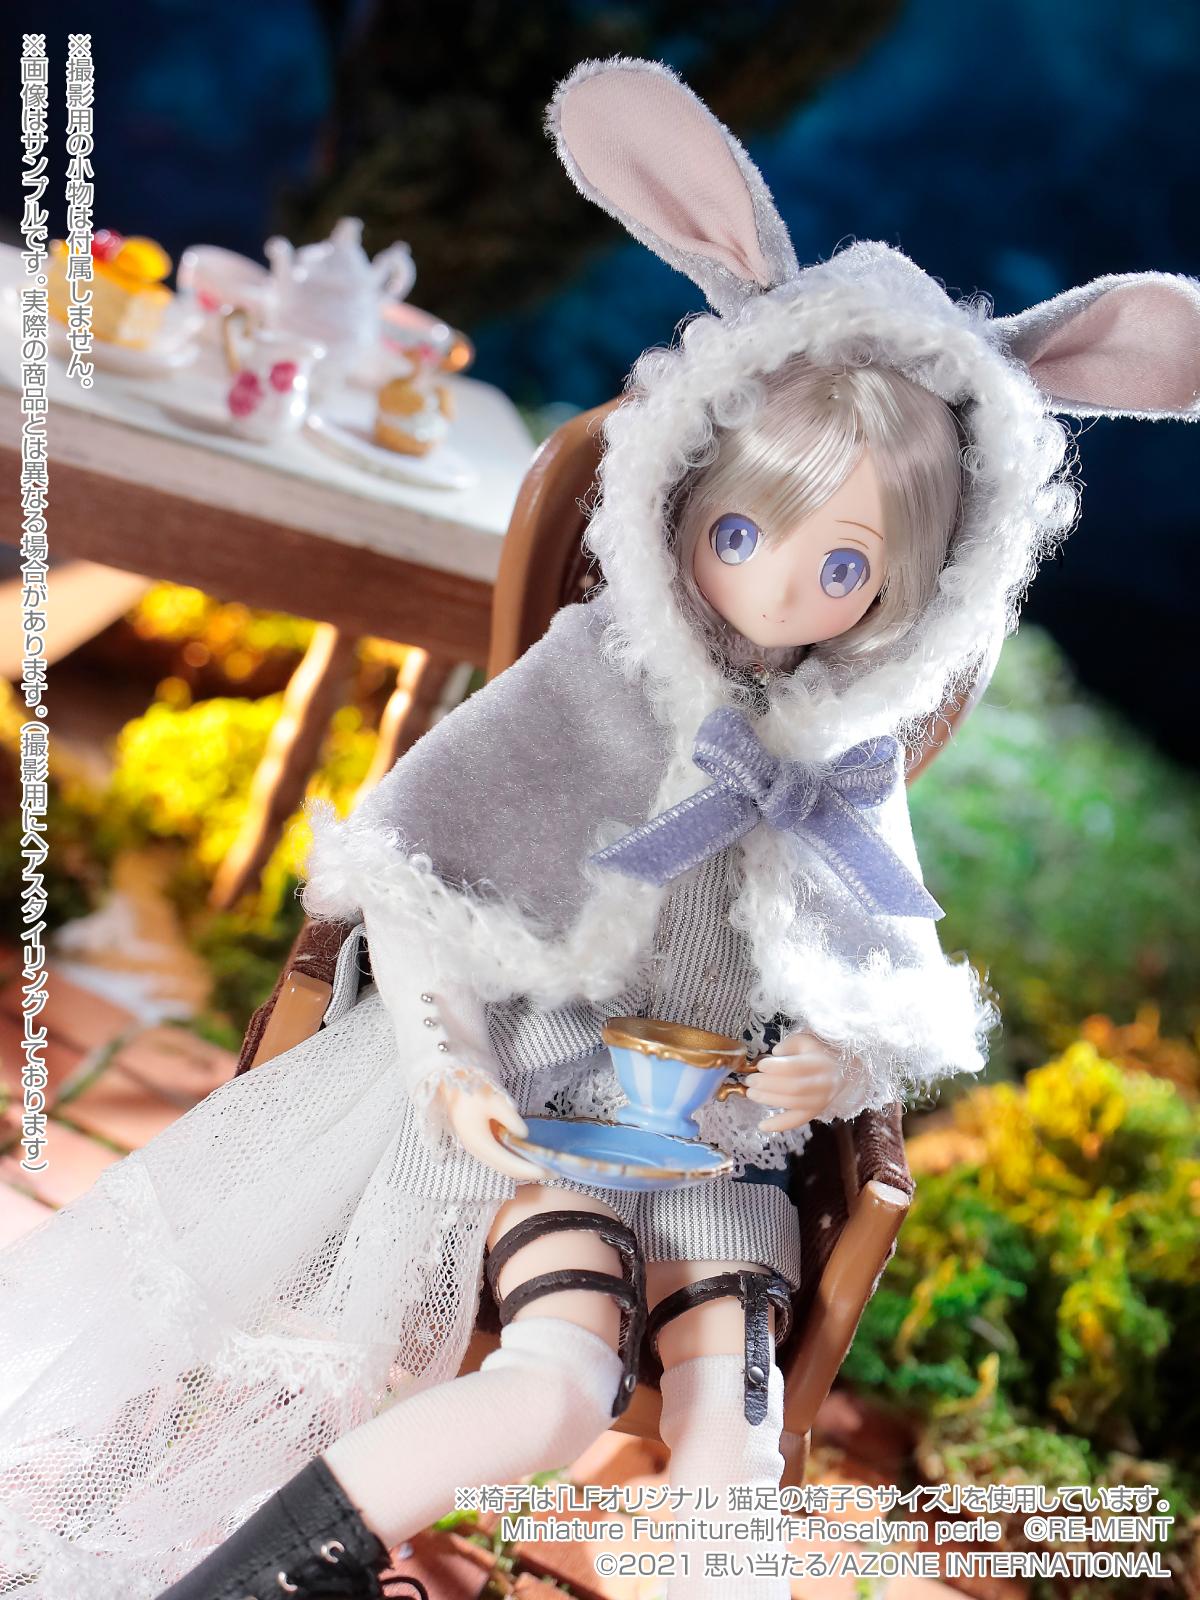 えっくす☆きゅーと ふぁみりー:Alice's TeaParty~お菓子なお茶会~『少年アリス/ノーア ver.1.1』1/6 完成品ドール-020